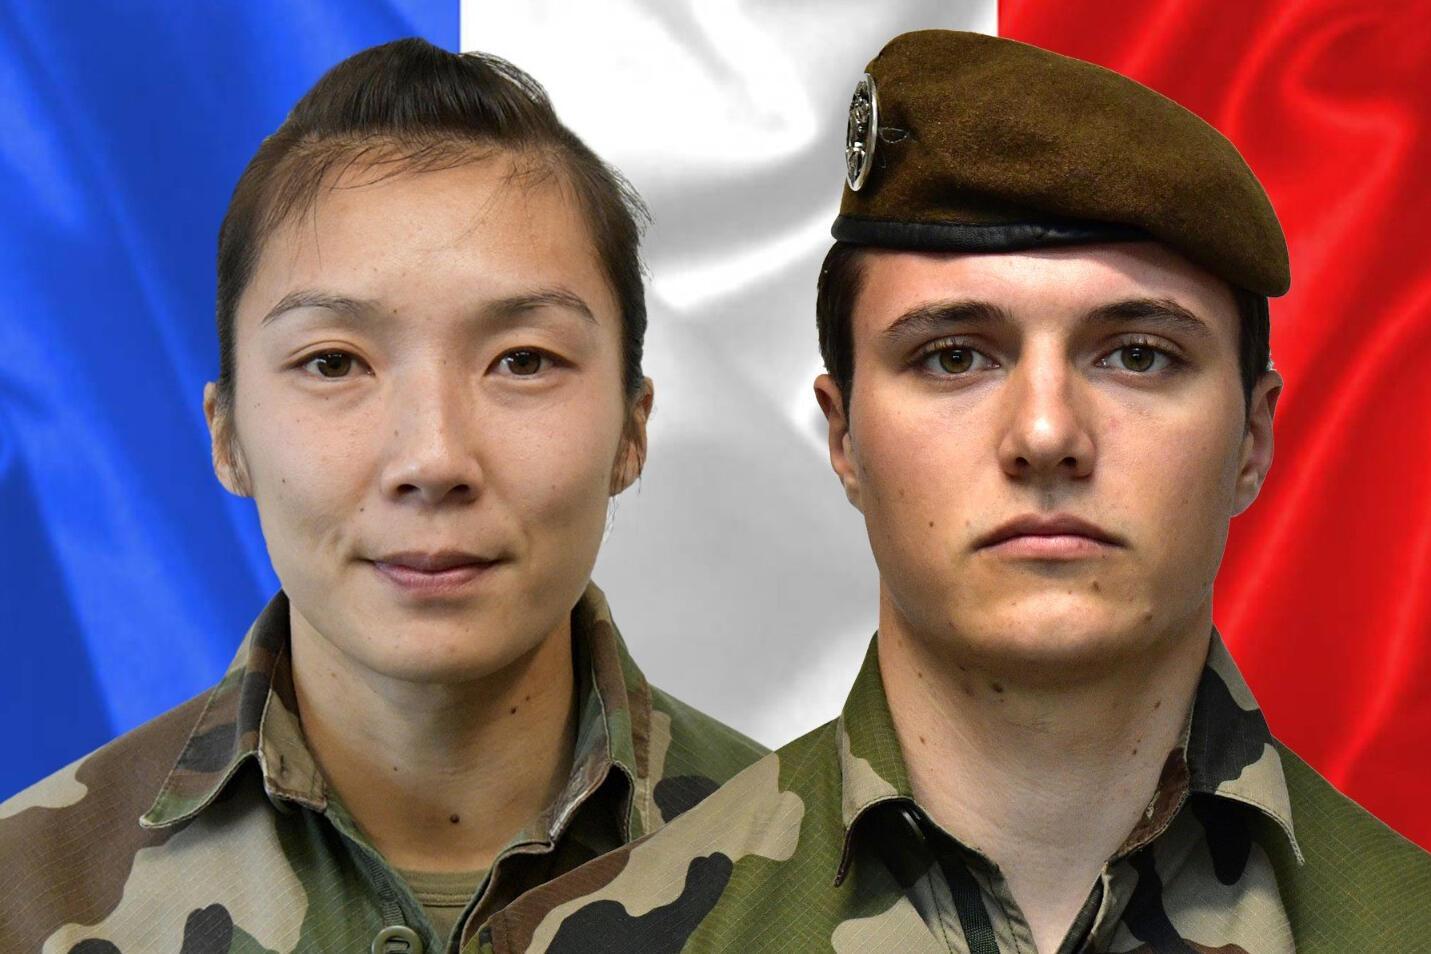 La sargento Yvonne Huynh (I) y el bricada Loic Risser, dos soldados franceses muertos en la explosión de una bomba en Malí. Foto publicada el 3 de enero de 2021 por el servicio de prensa  del ejército francés